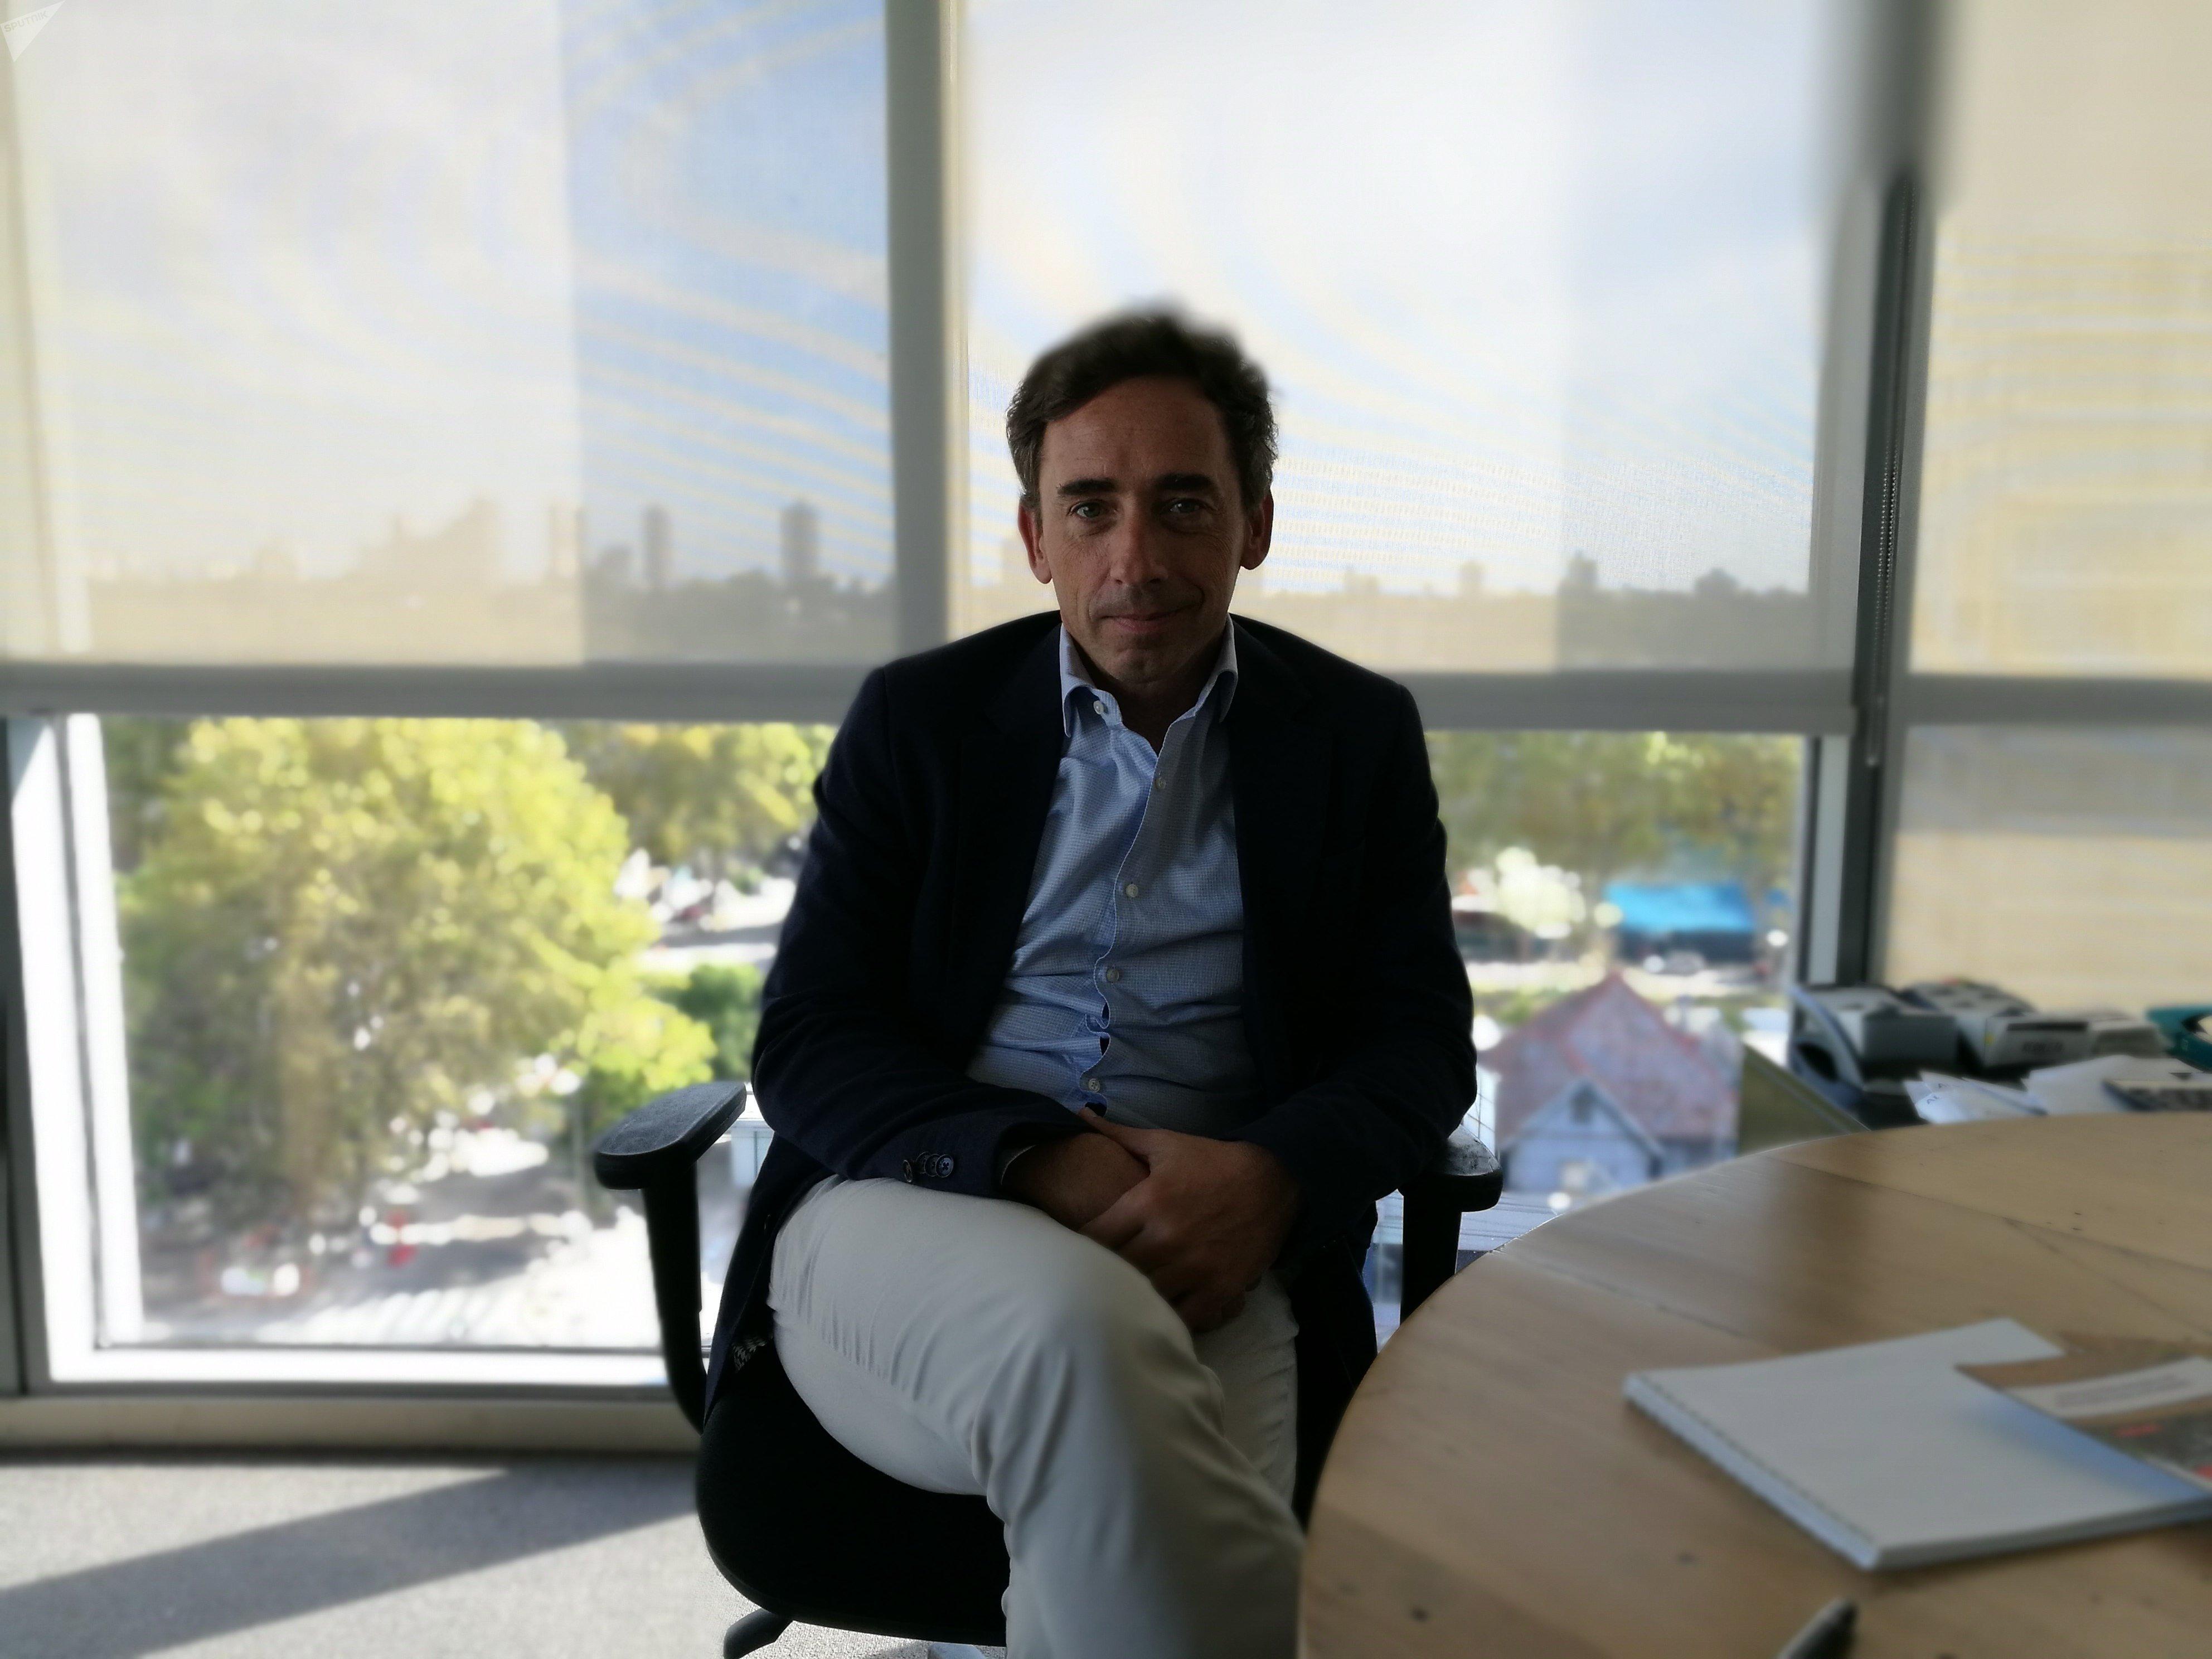 Franco Comparato, CEO de Transmashholding Argentina, la empresa rusa que planea expandirse en la industria del ferrocarril en ese país.